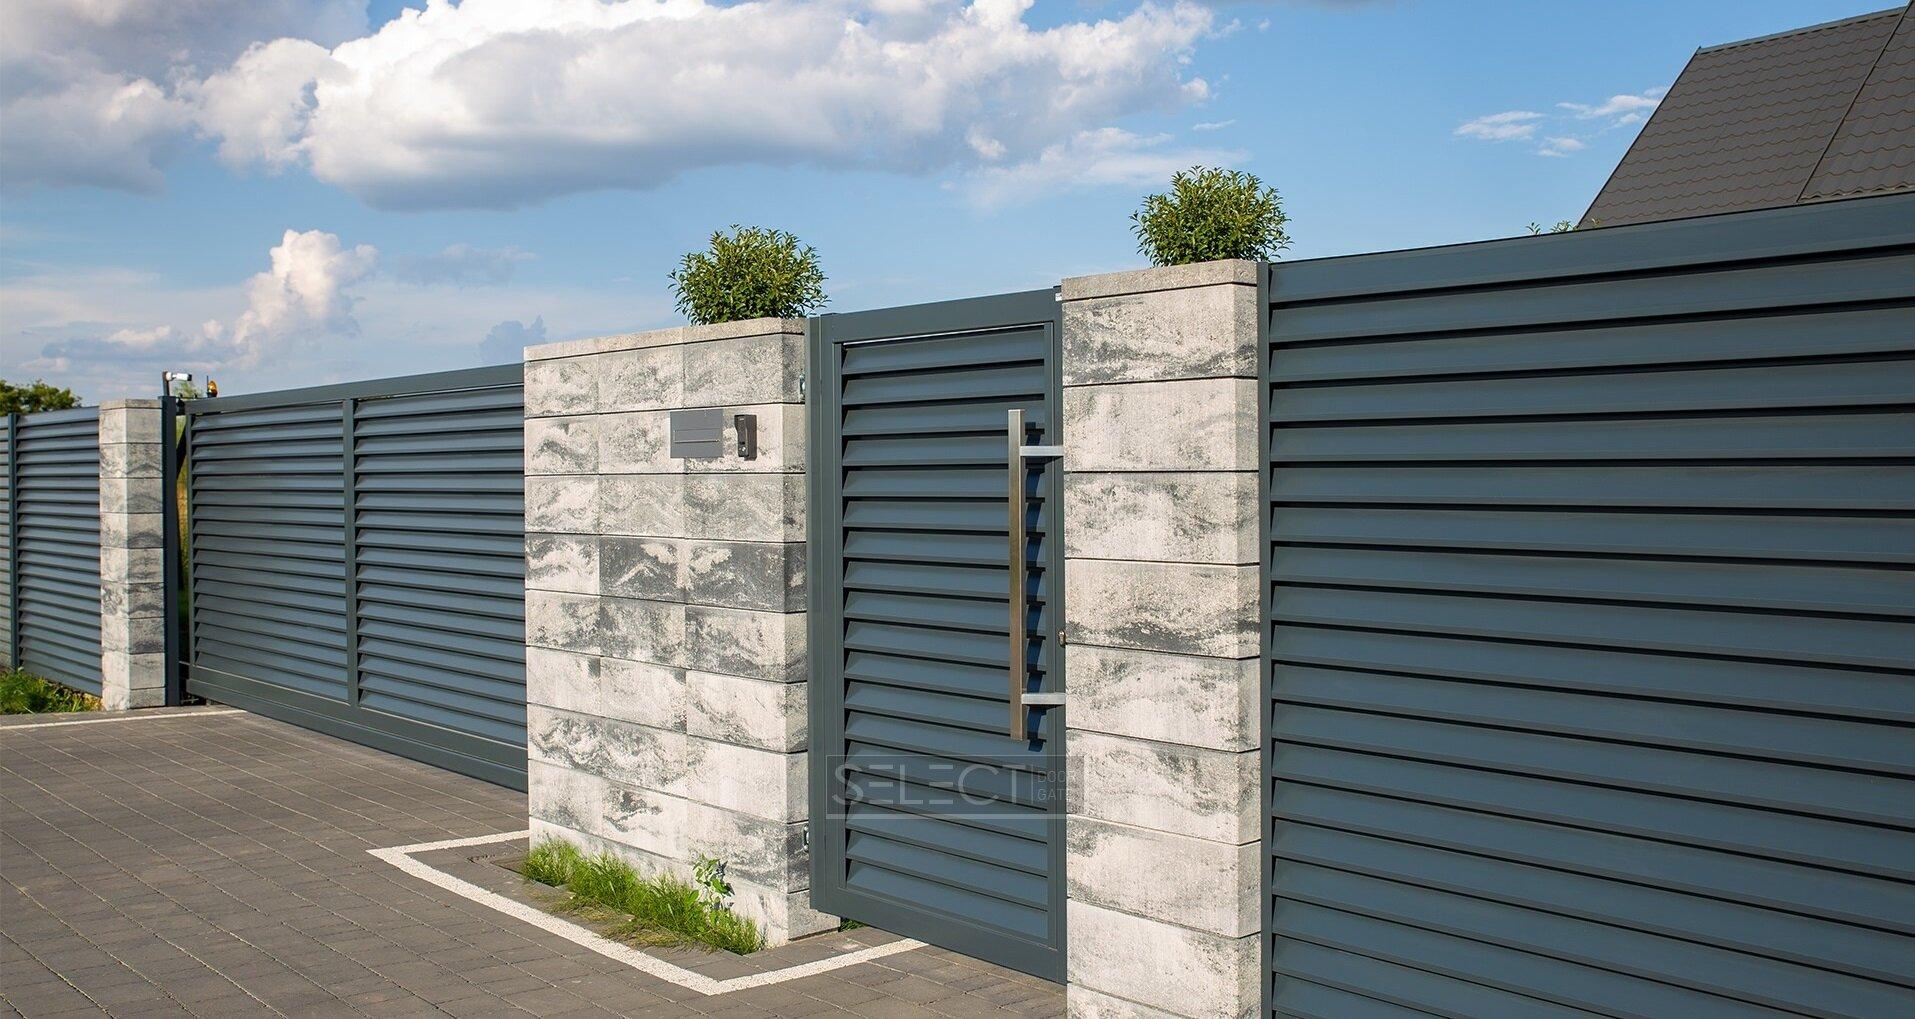 Купить заборные секции для частного дома - металлические ограждения и откатные ворота - Киев